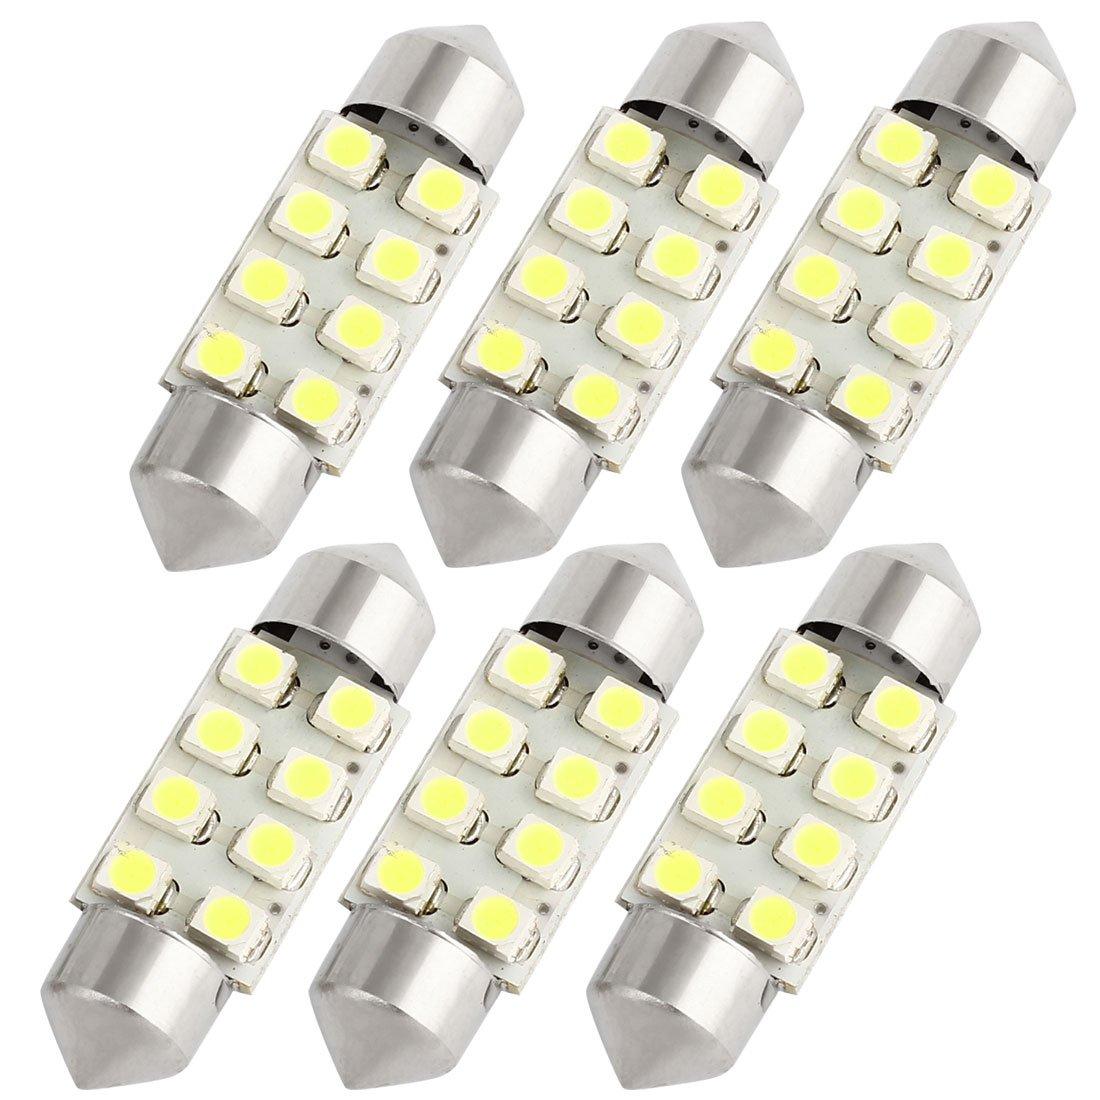 2 Piezas de 31mm Luz LED Blanco 3528 SMD 6 LED DE3175 DE3021 Luz de Boveda Mapa para Coche SODIAL R